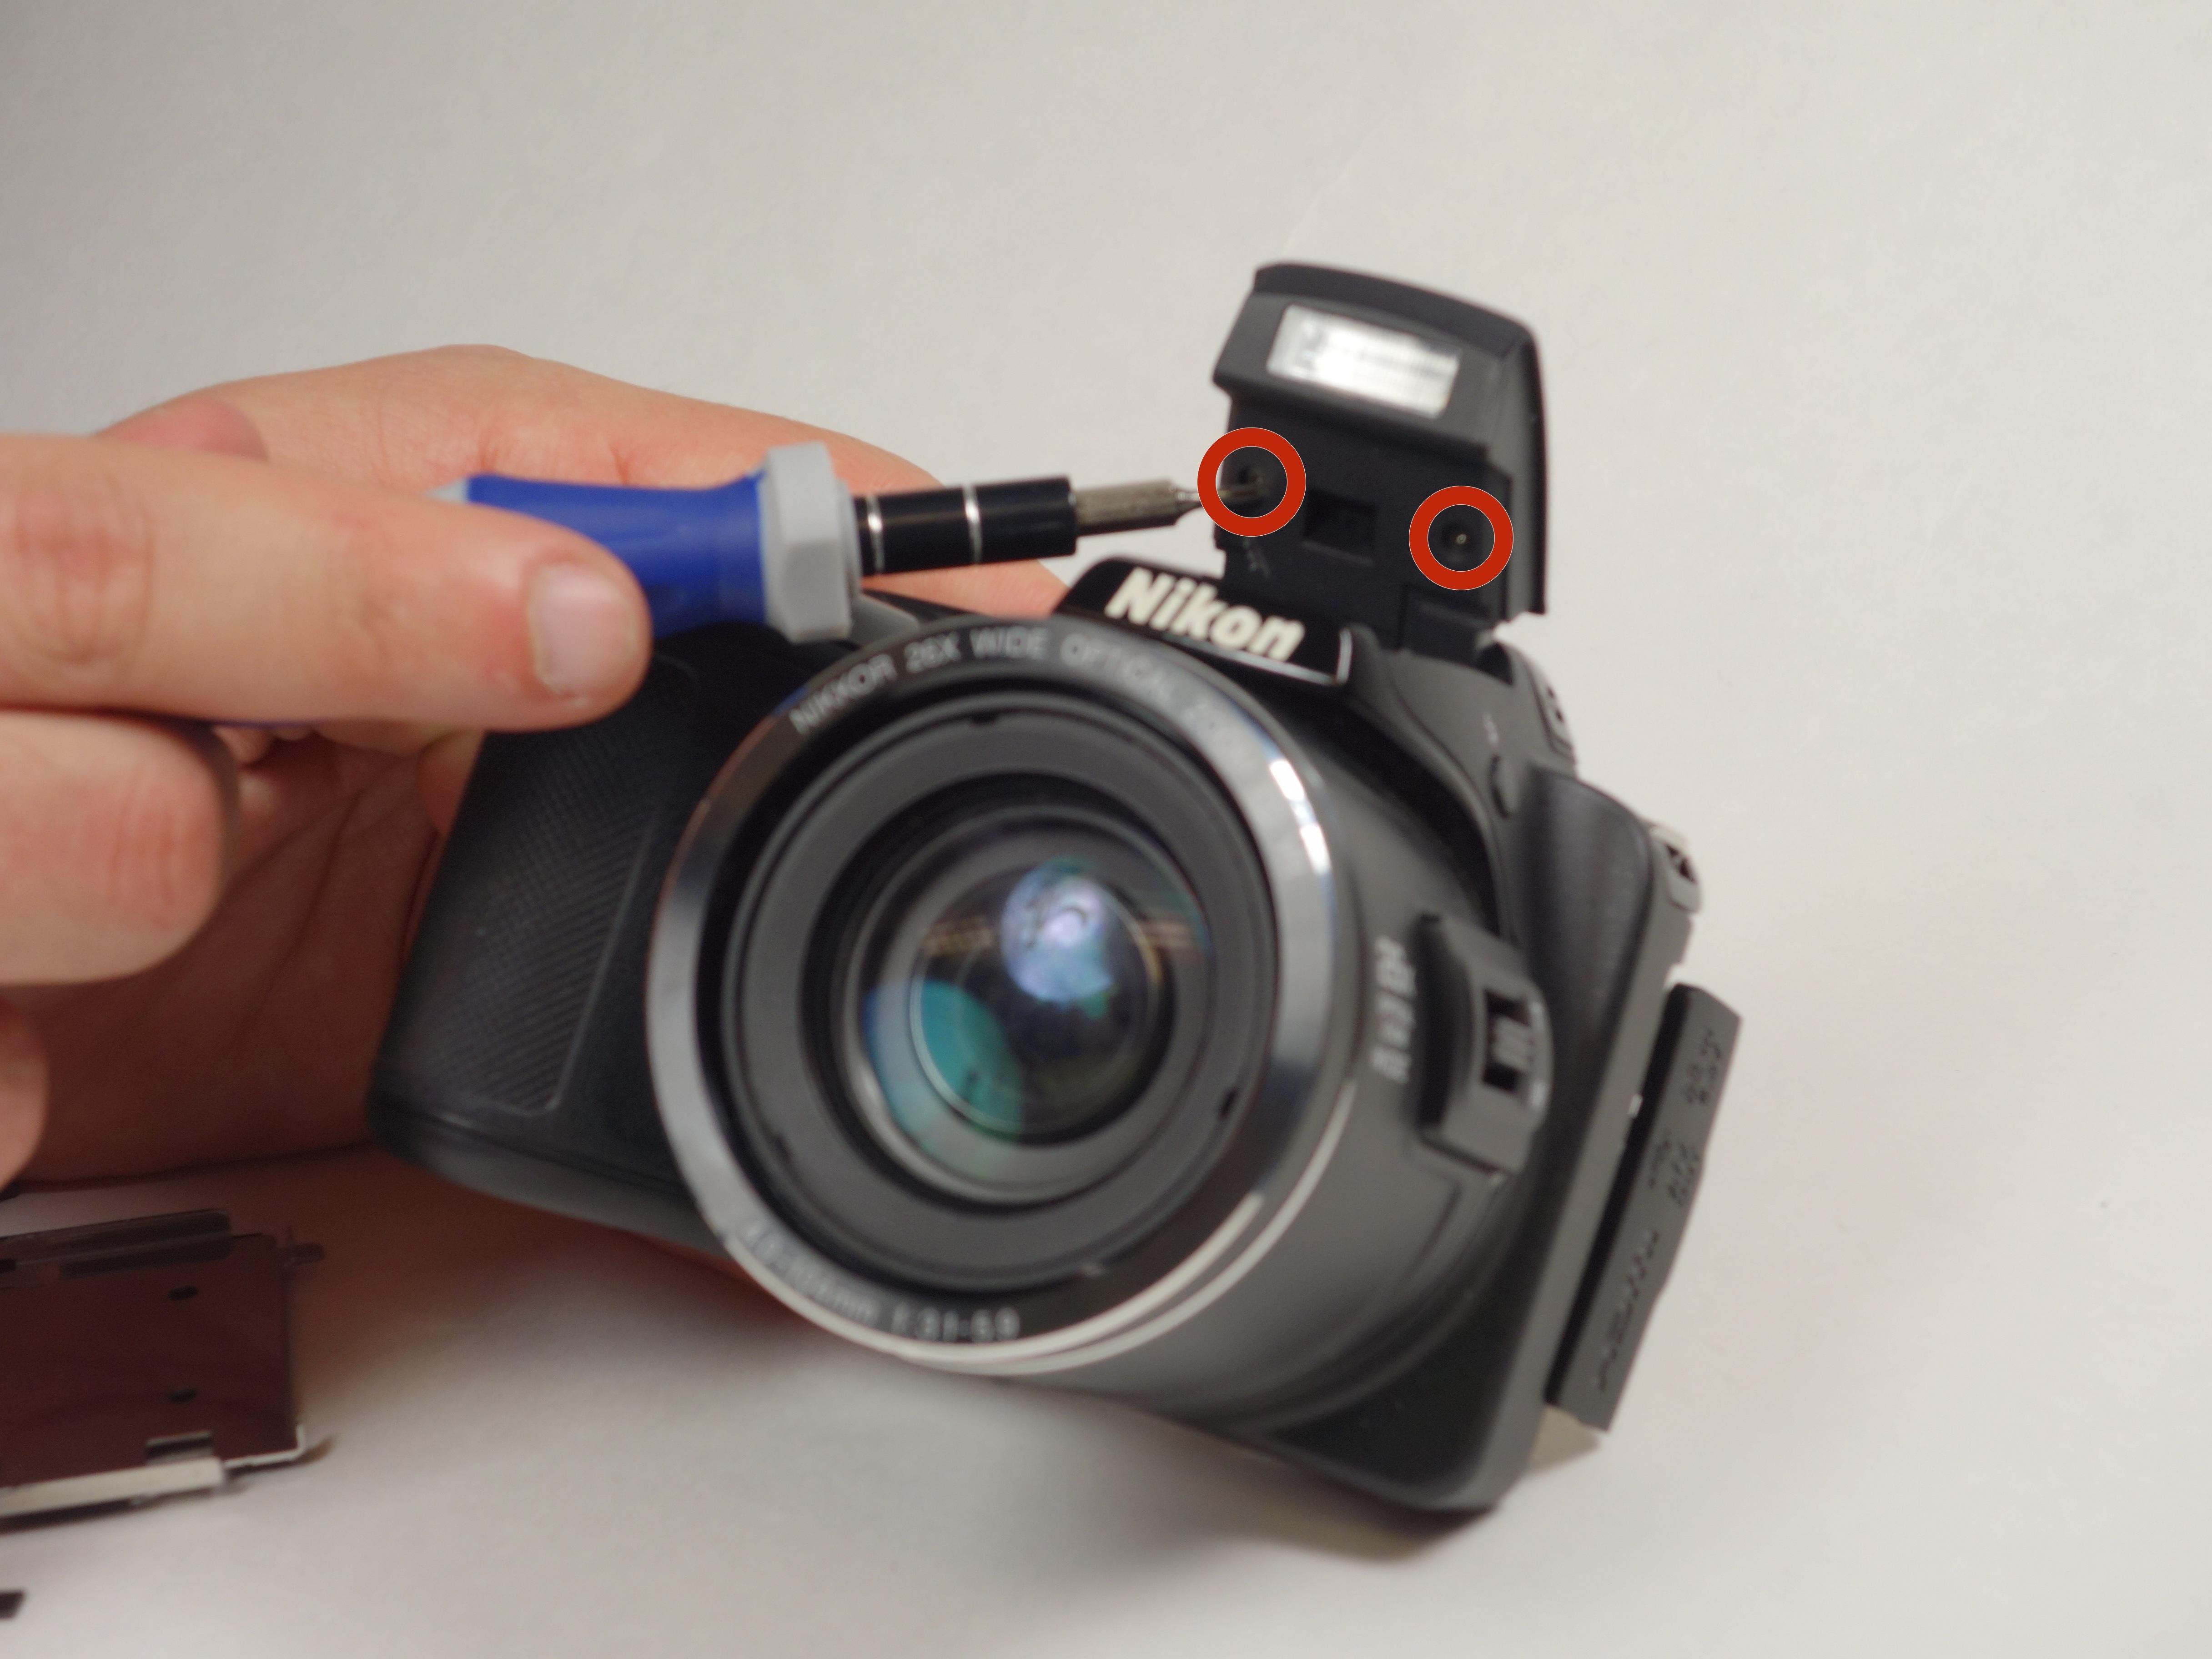 nikon coolpix l810 repair ifixit rh ifixit com Nikon Coolpix Digital Camera Manual Nikon Coolpix 16 MP Digital Camera